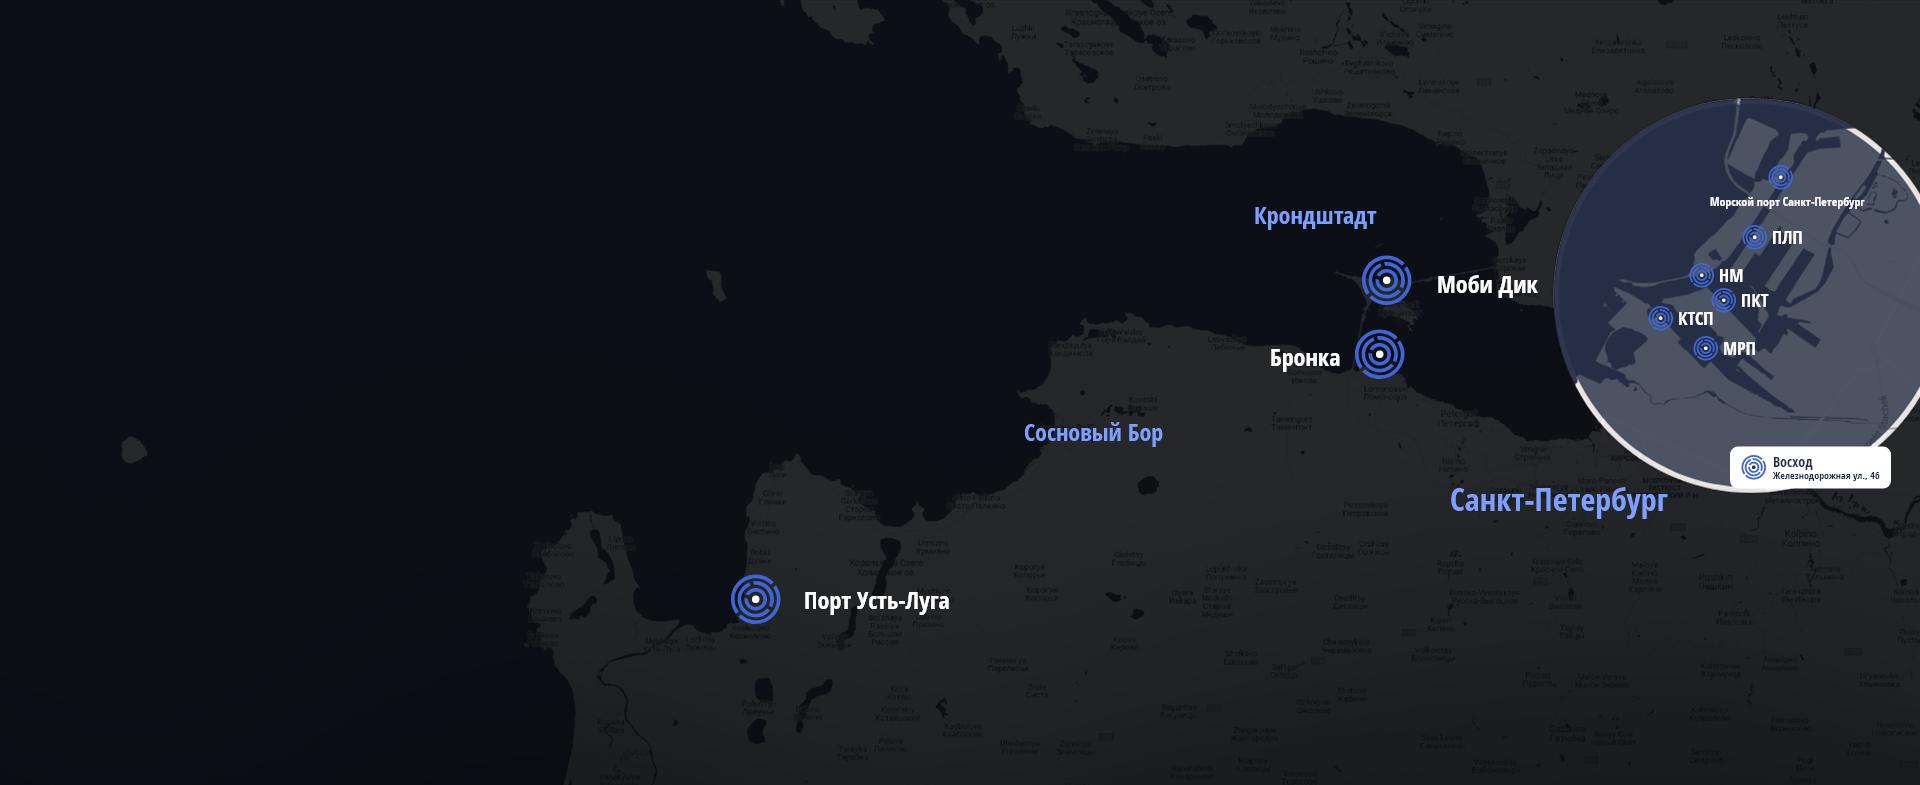 Работаем с лучшими<br /> портами Санкт-Петербурга